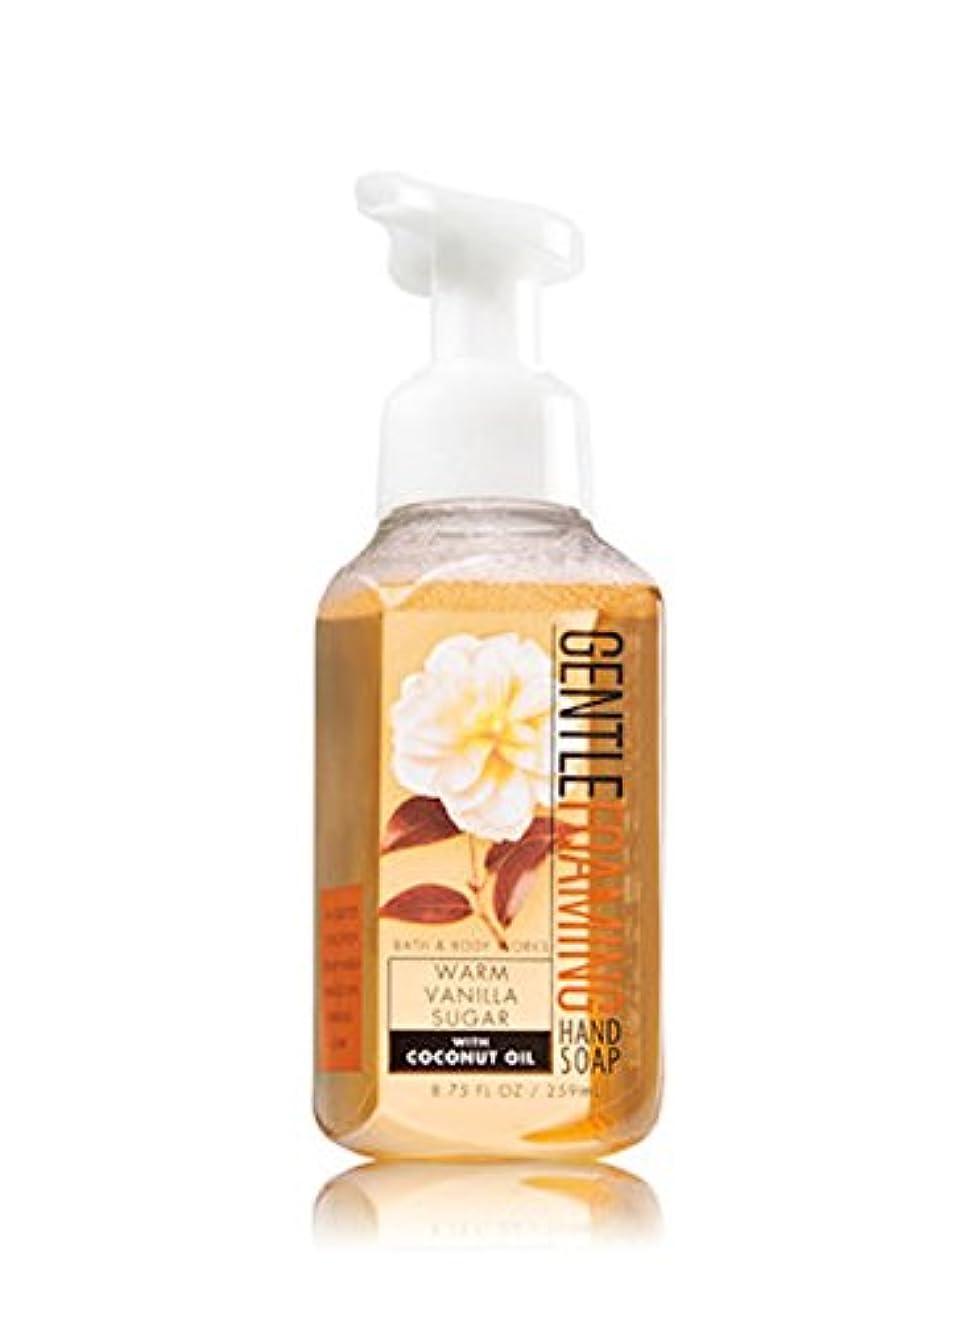 概念クローゼットボリュームバス&ボディワークス ウォームバニラシュガー ジェントル フォーミング ハンドソープ Warm Vanilla Sugar Gentle Foaming Hand Soap with Coconut